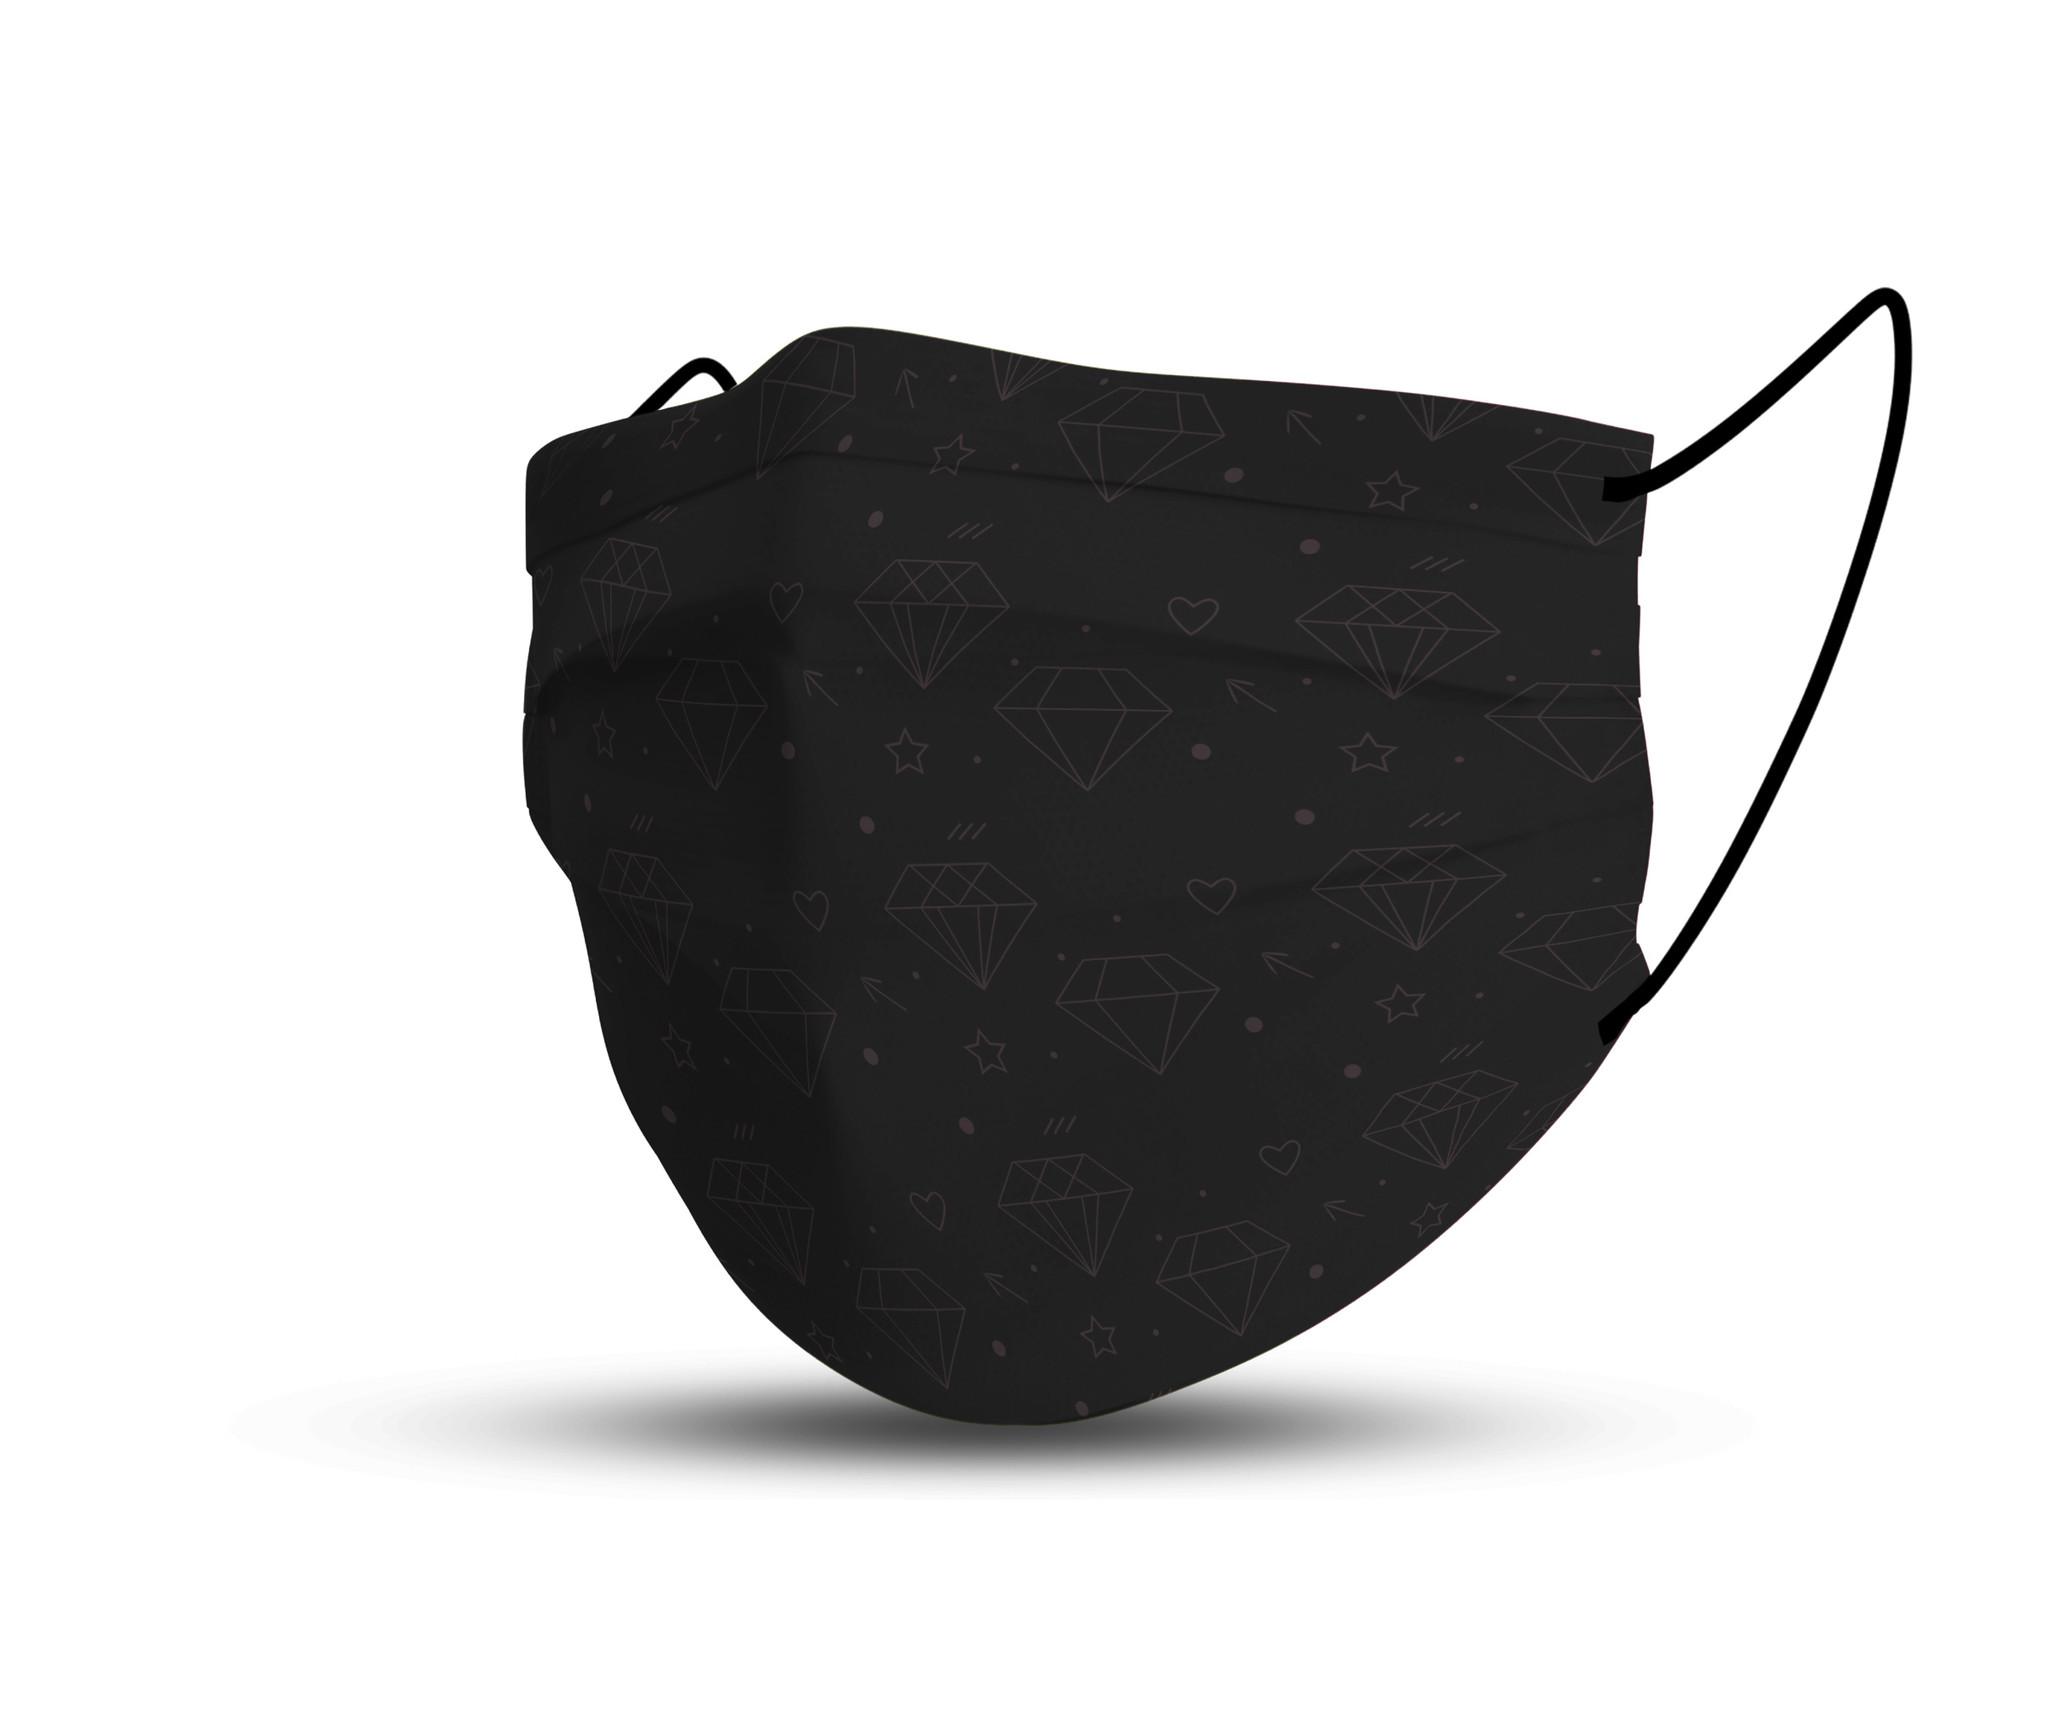 Topfanz Mondmasker black diamond